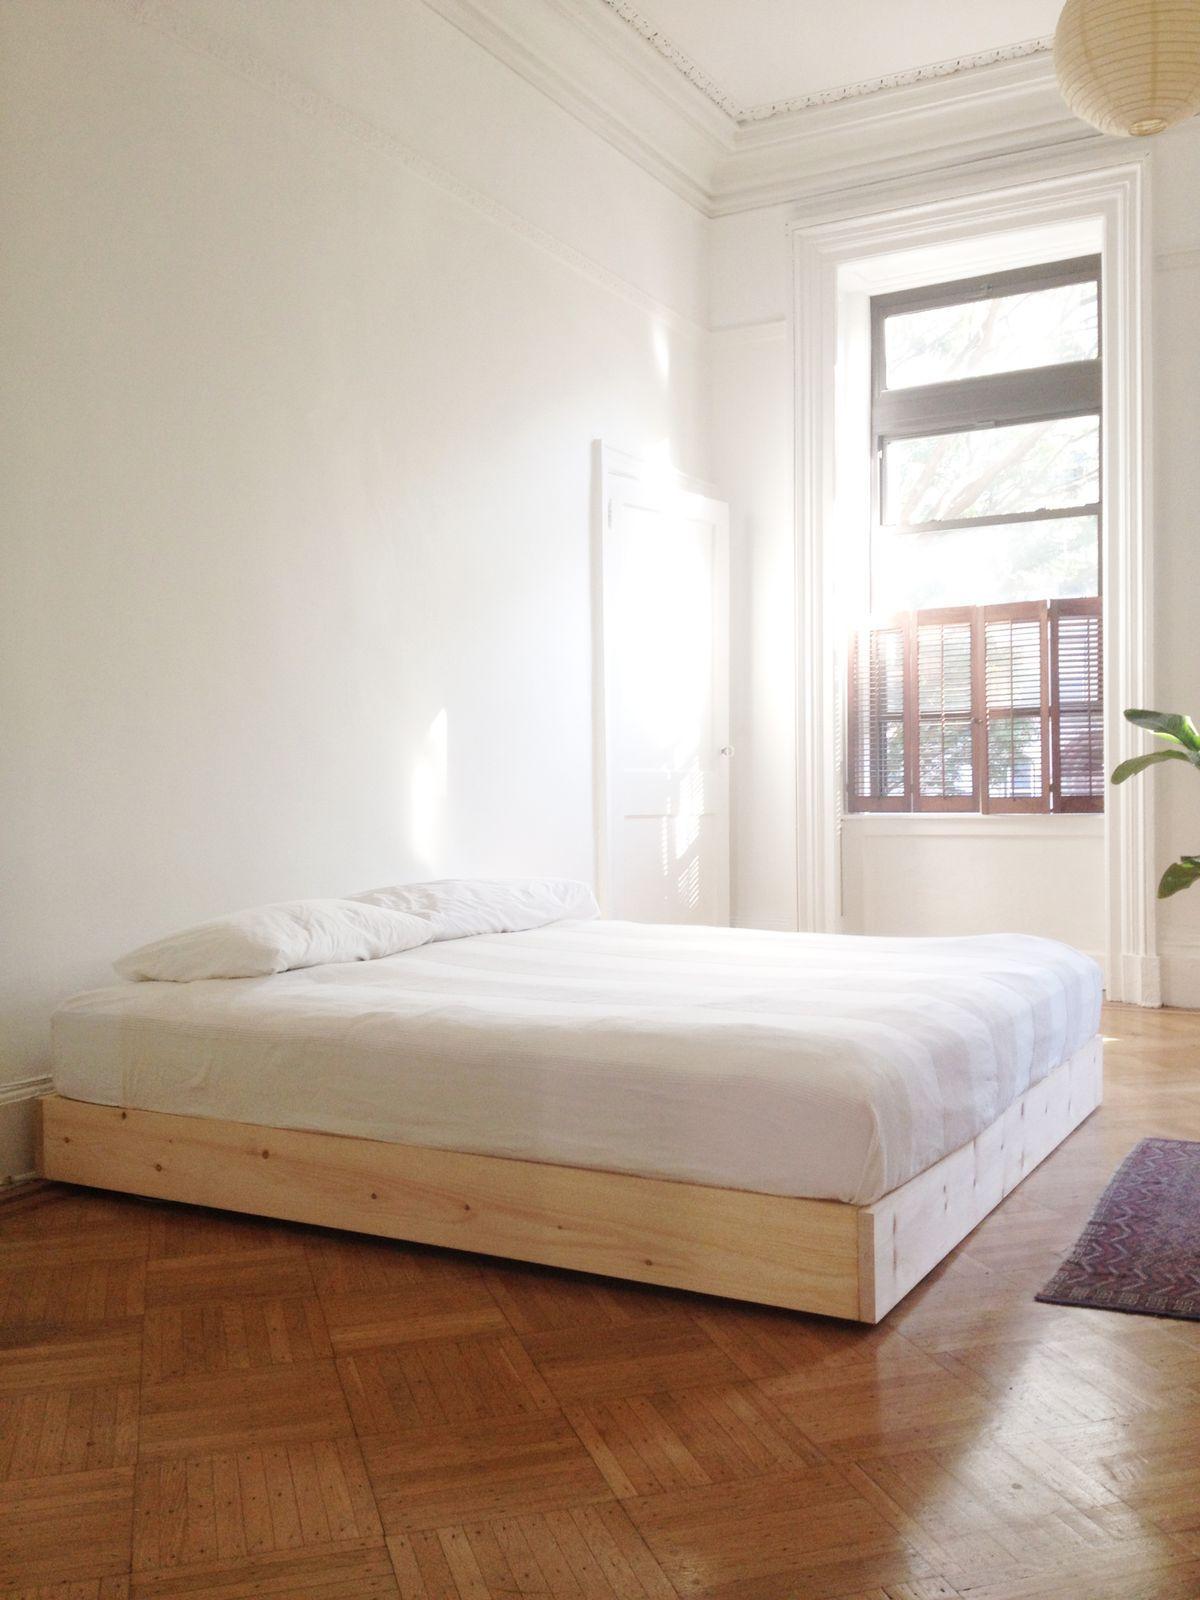 Superb Floating Platform Bed, Wood Platform Bed, Diy Platform Bed Frame, Floating Bed  Frame